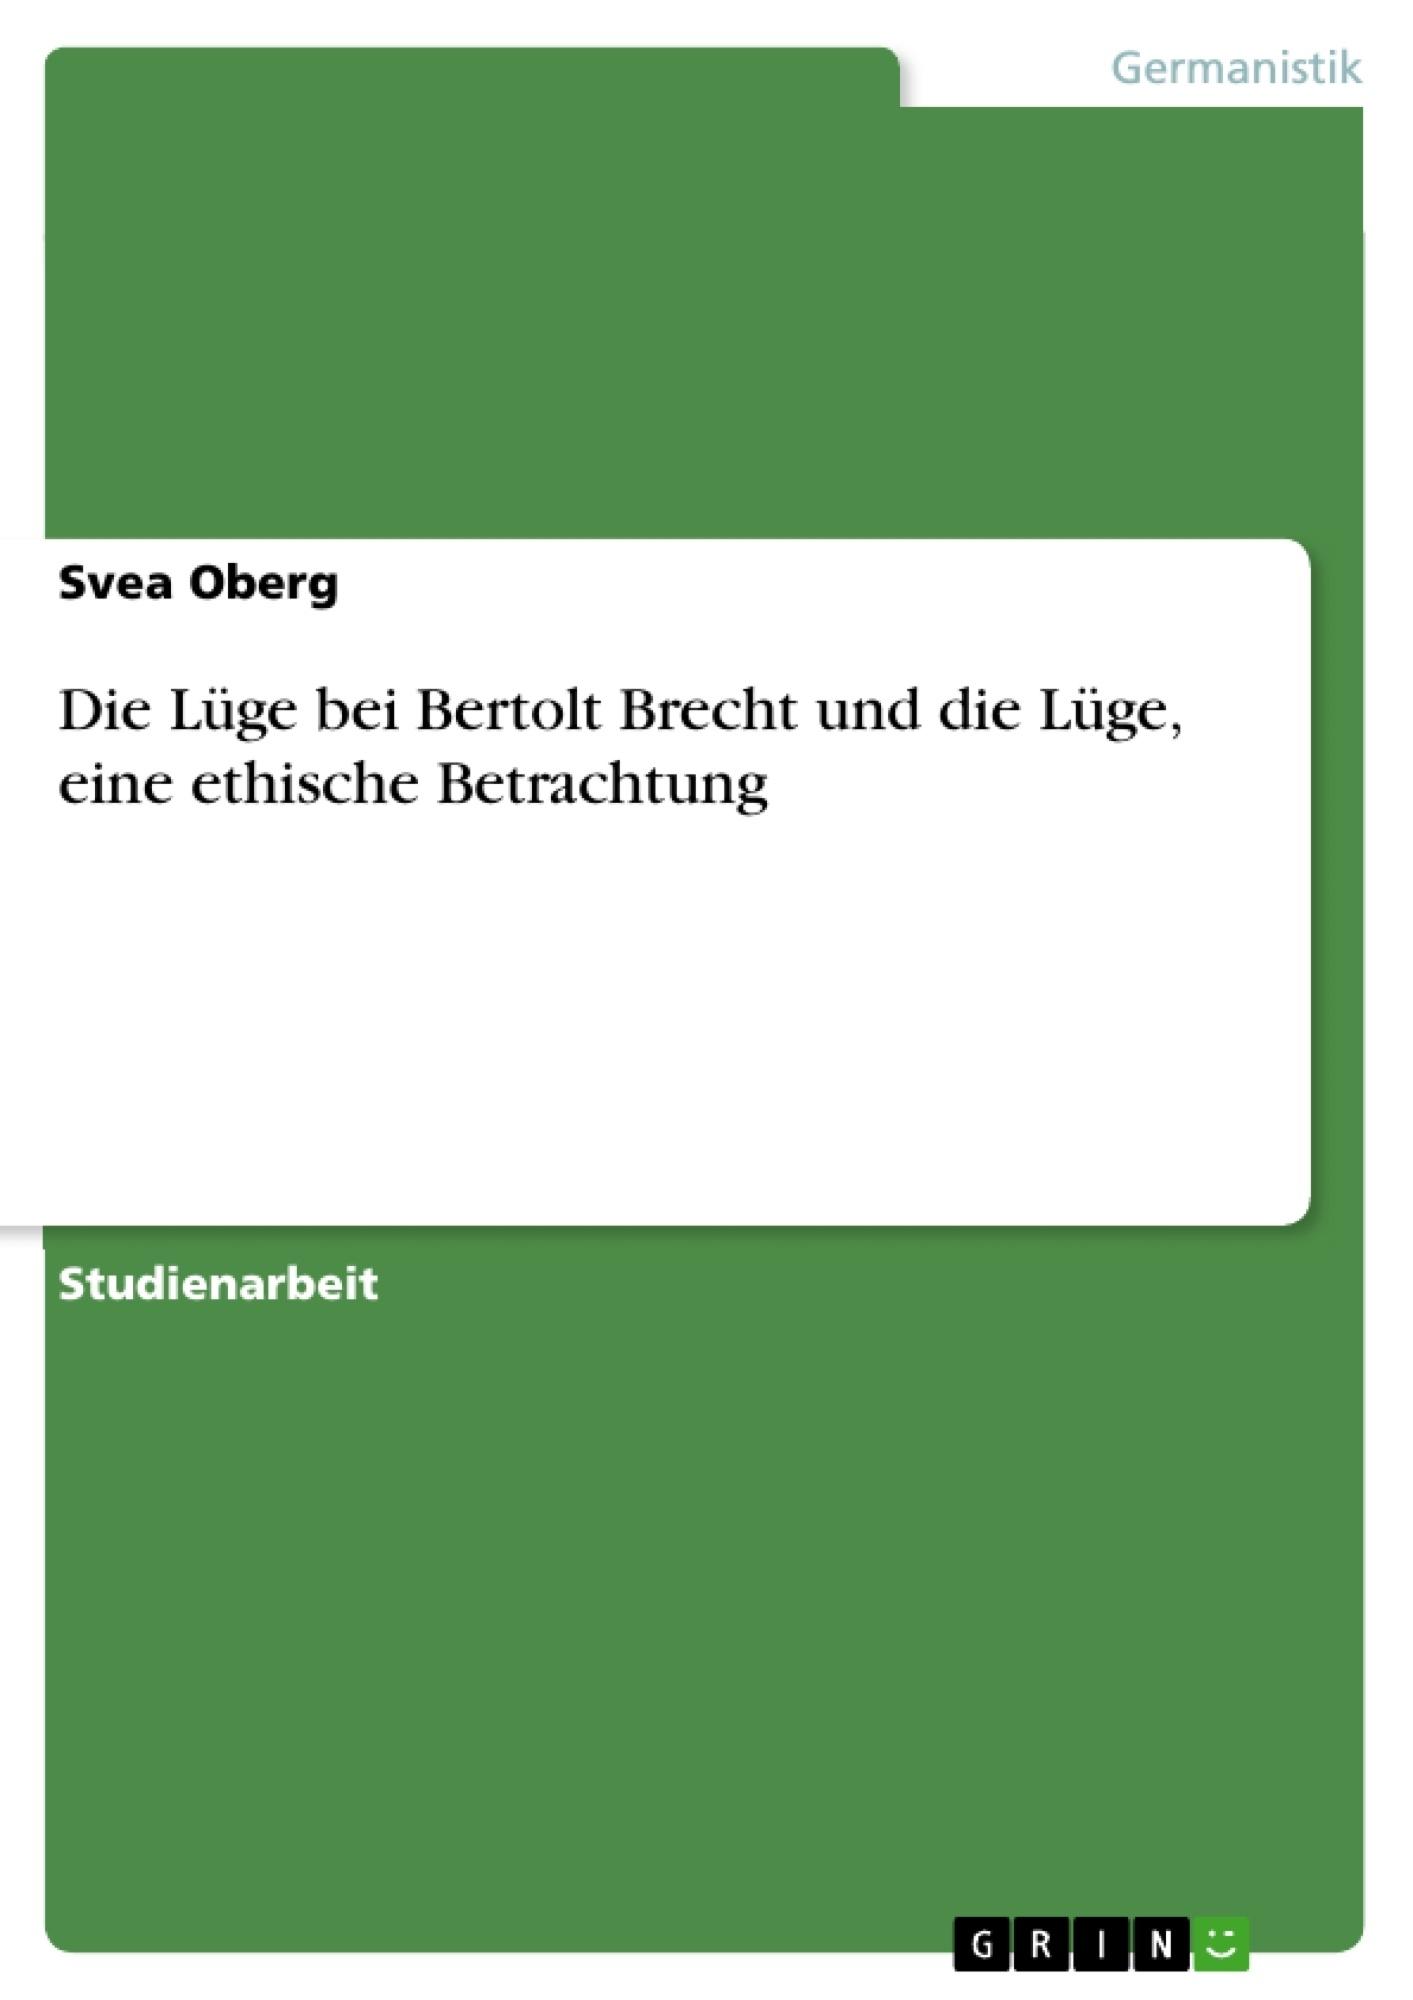 Titel: Die Lüge bei Bertolt Brecht und die Lüge, eine ethische Betrachtung